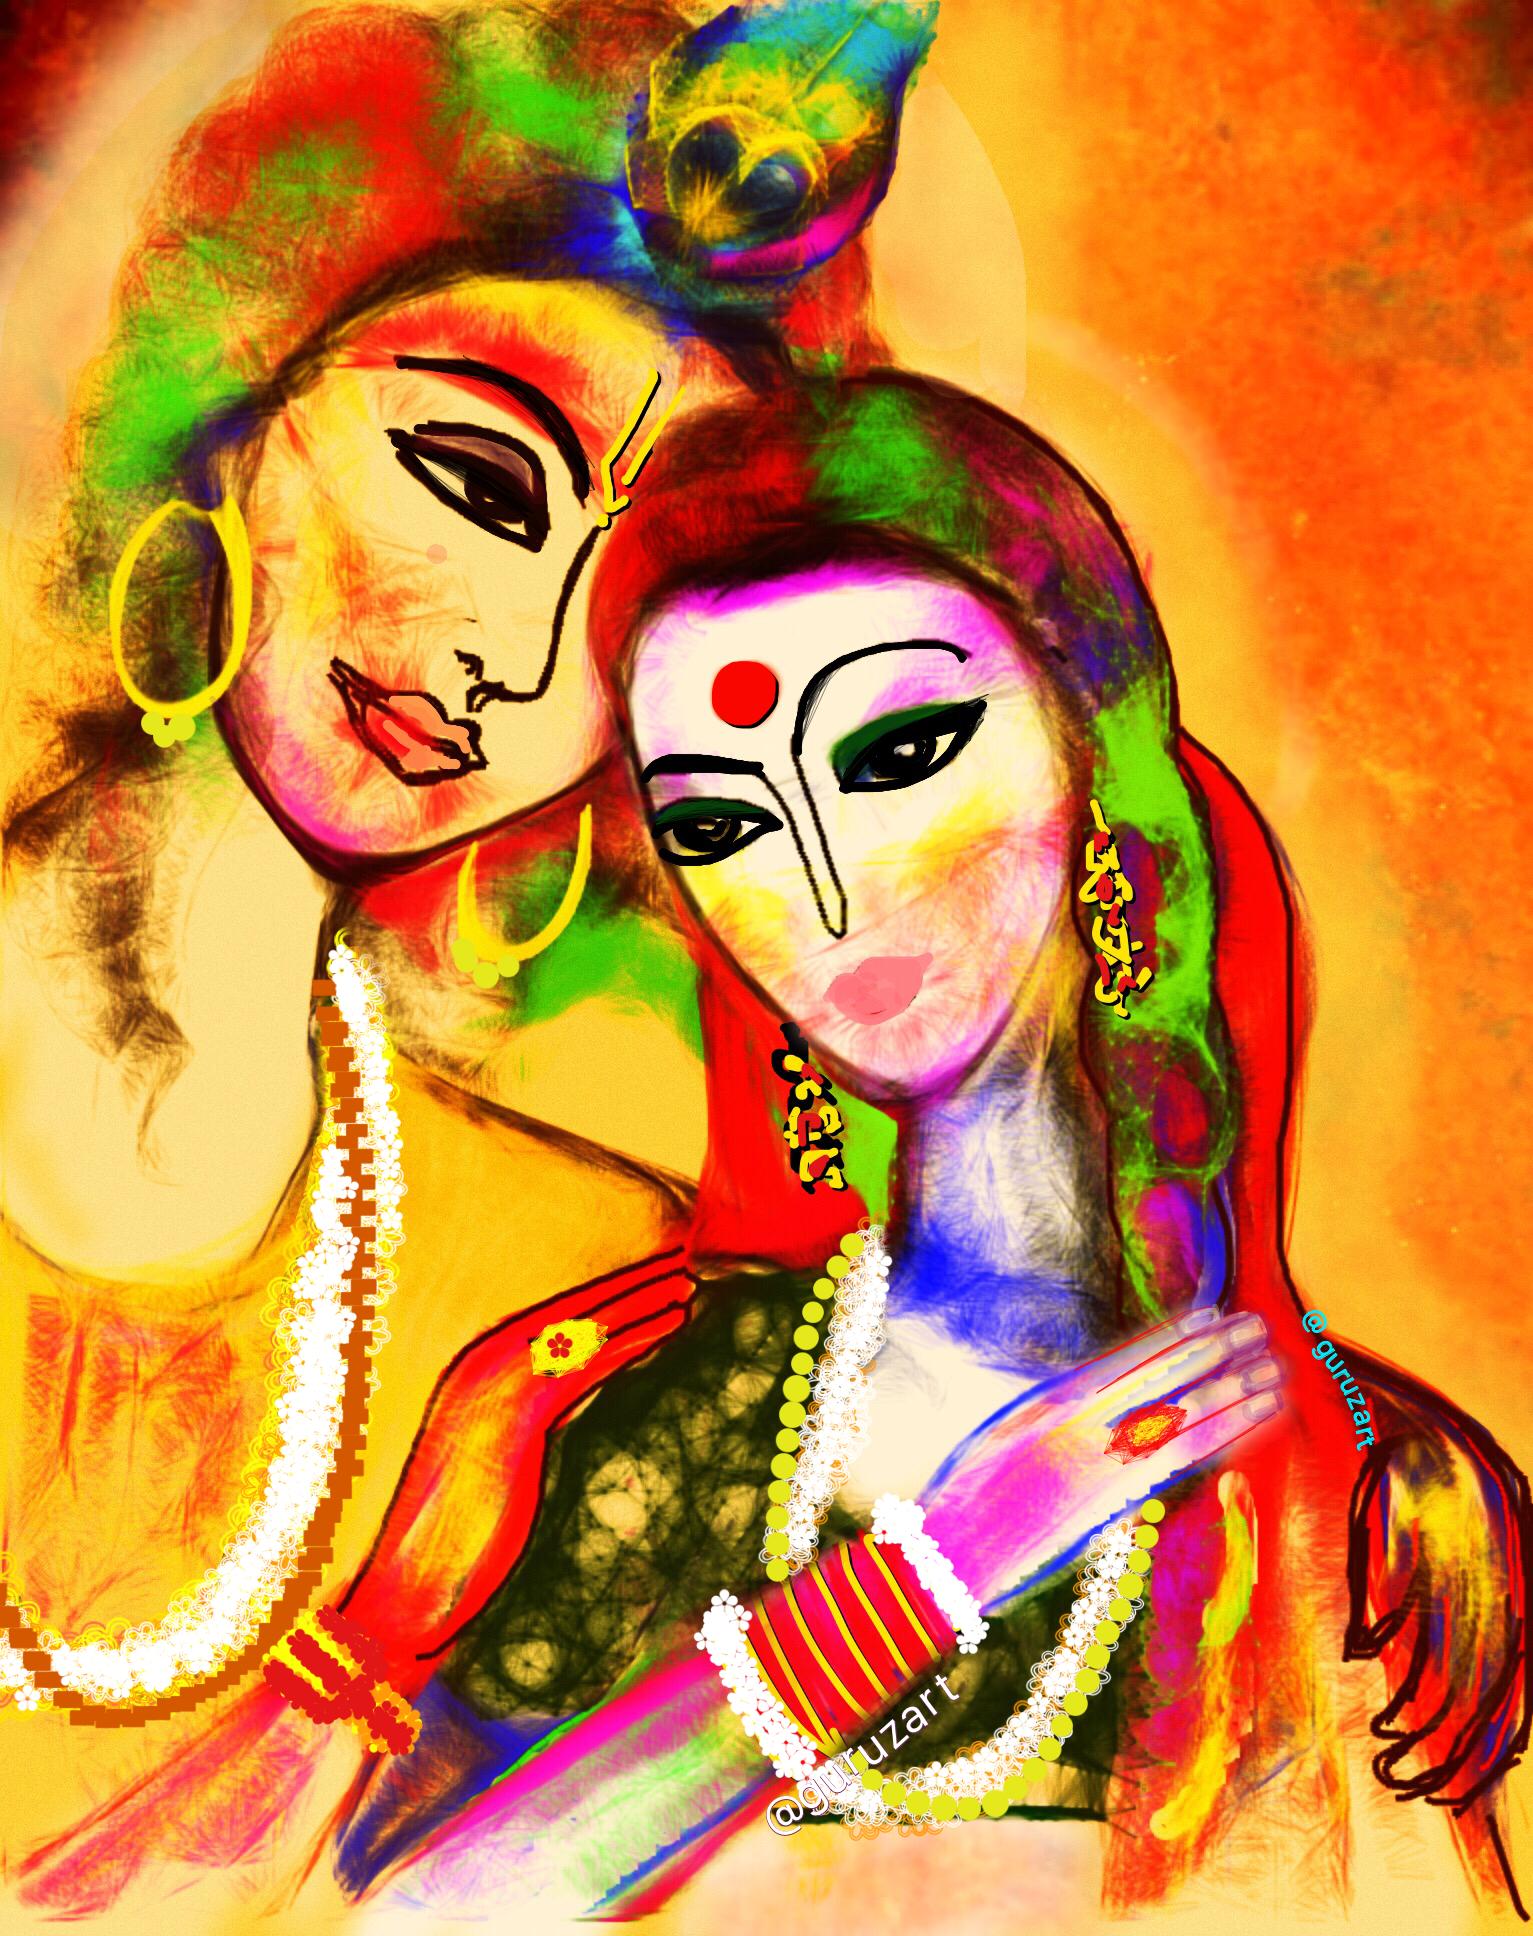 Happy holi radha krishna images - Radha Krishna Happyholi